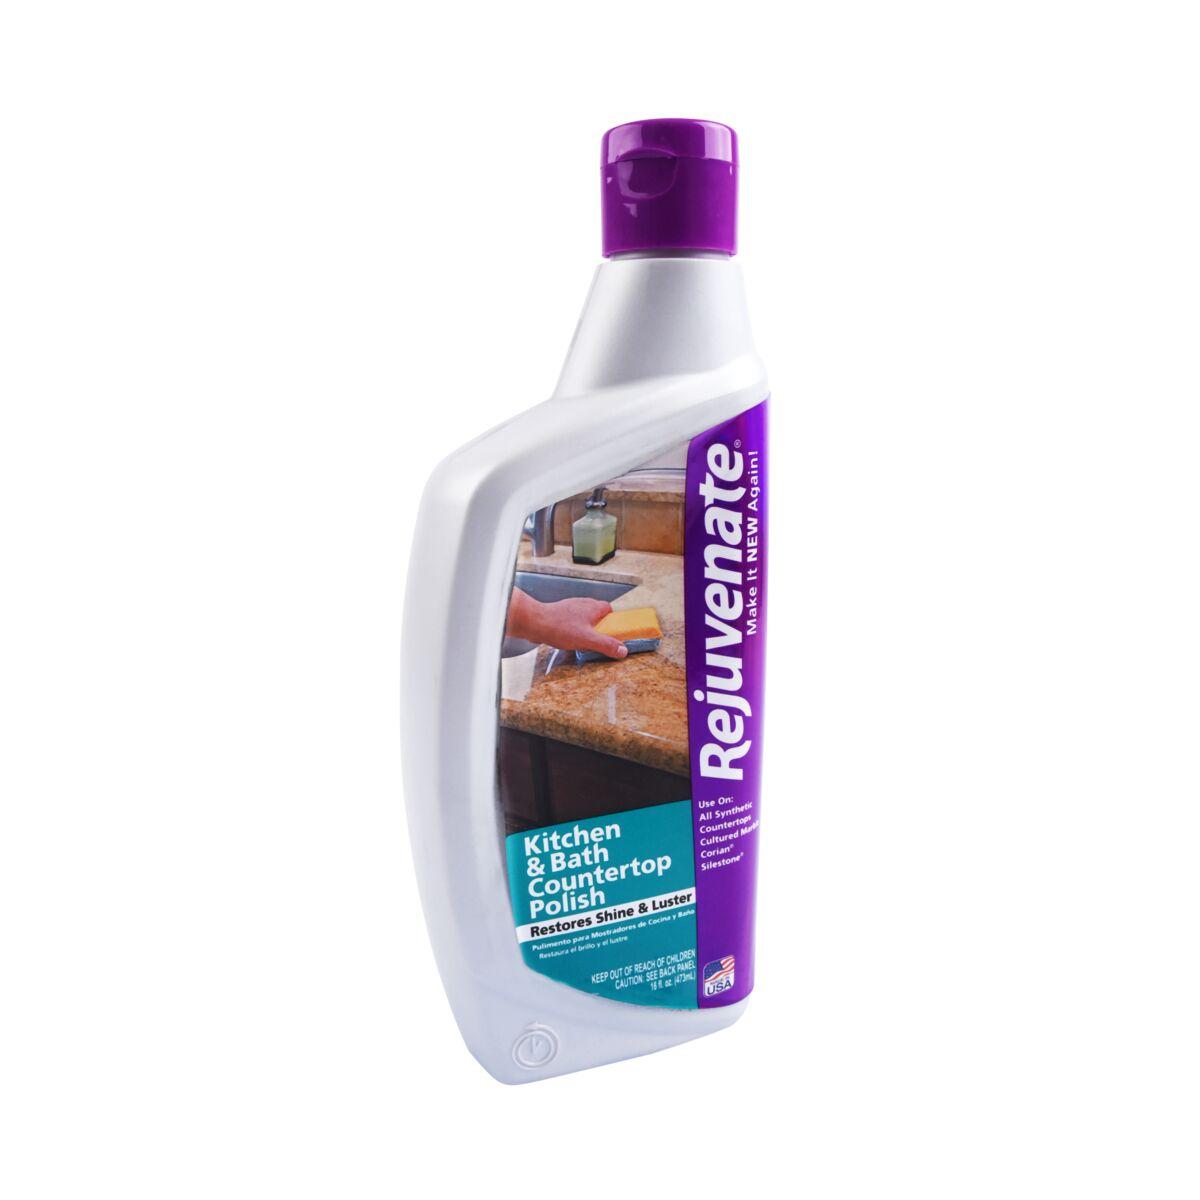 ملمع الأسطح ١٦أوقية ريجوفينيت Rejuvenate العلامات التجارية Saco Store